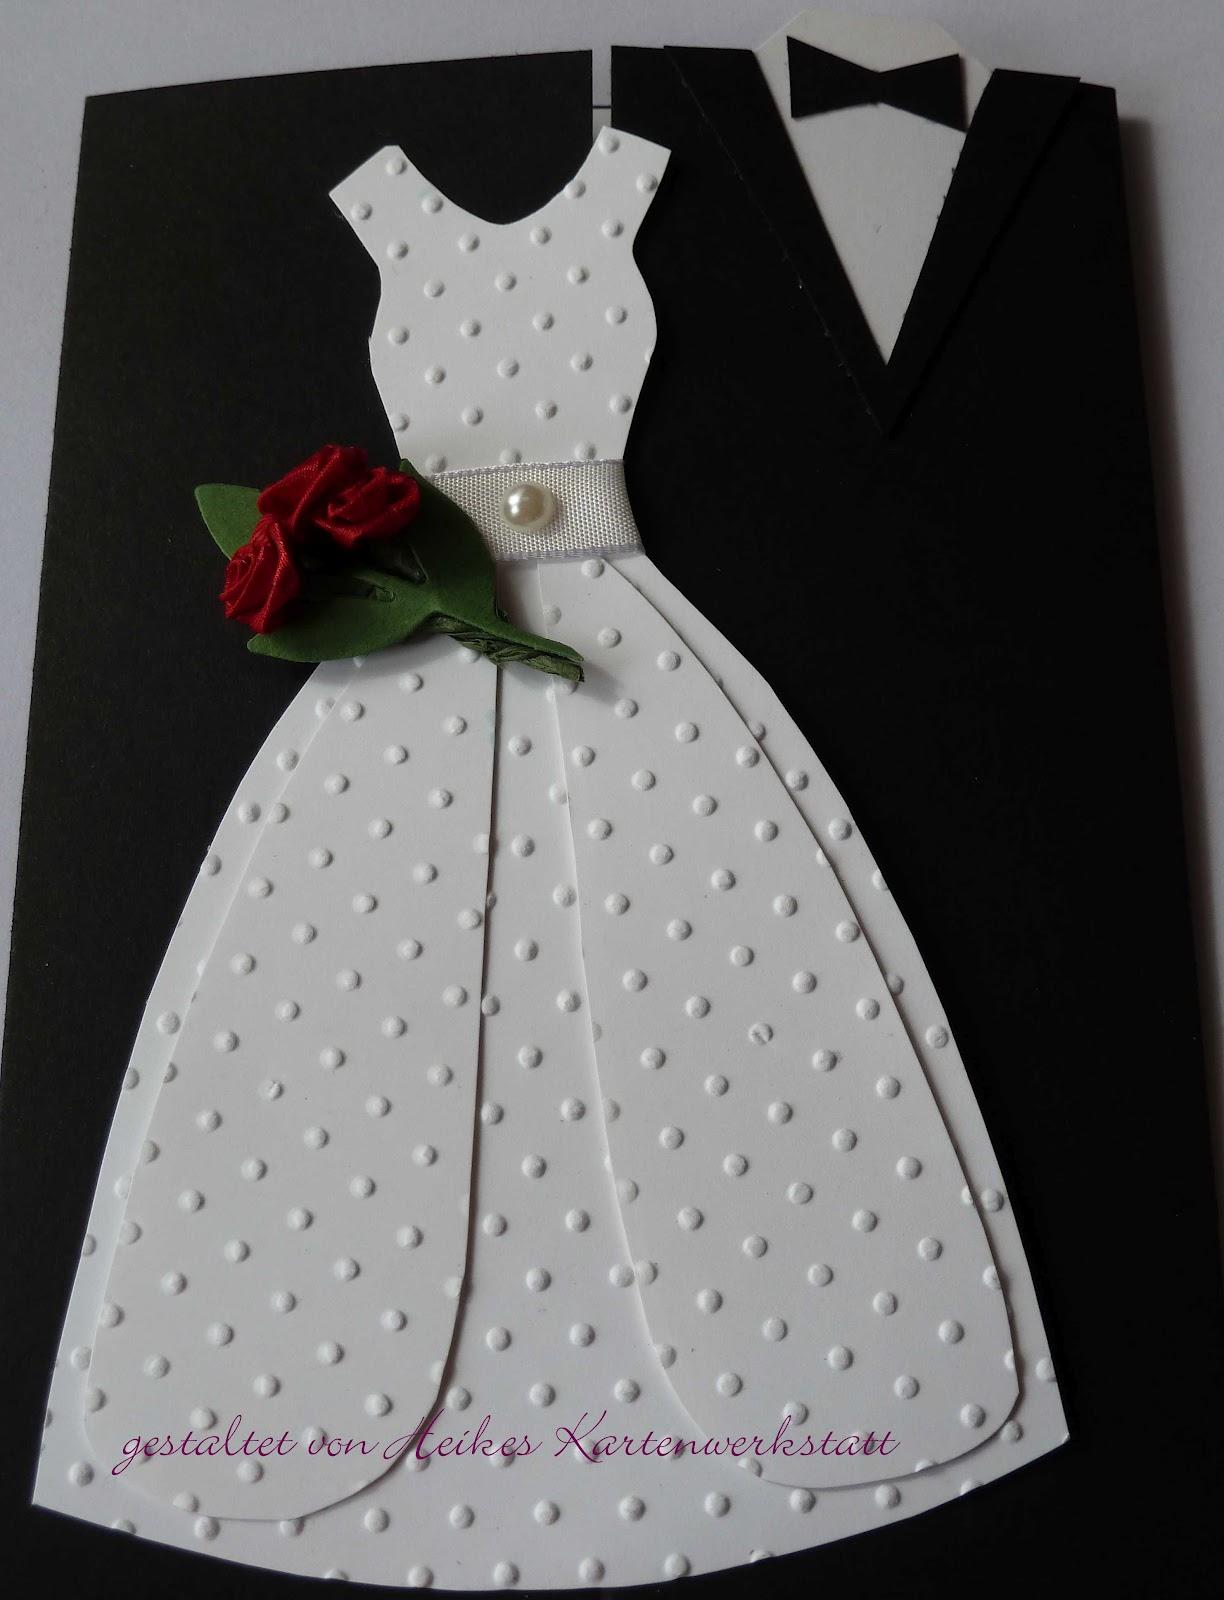 Heikes Kartenwerkstatt Hochzeitseinladungen